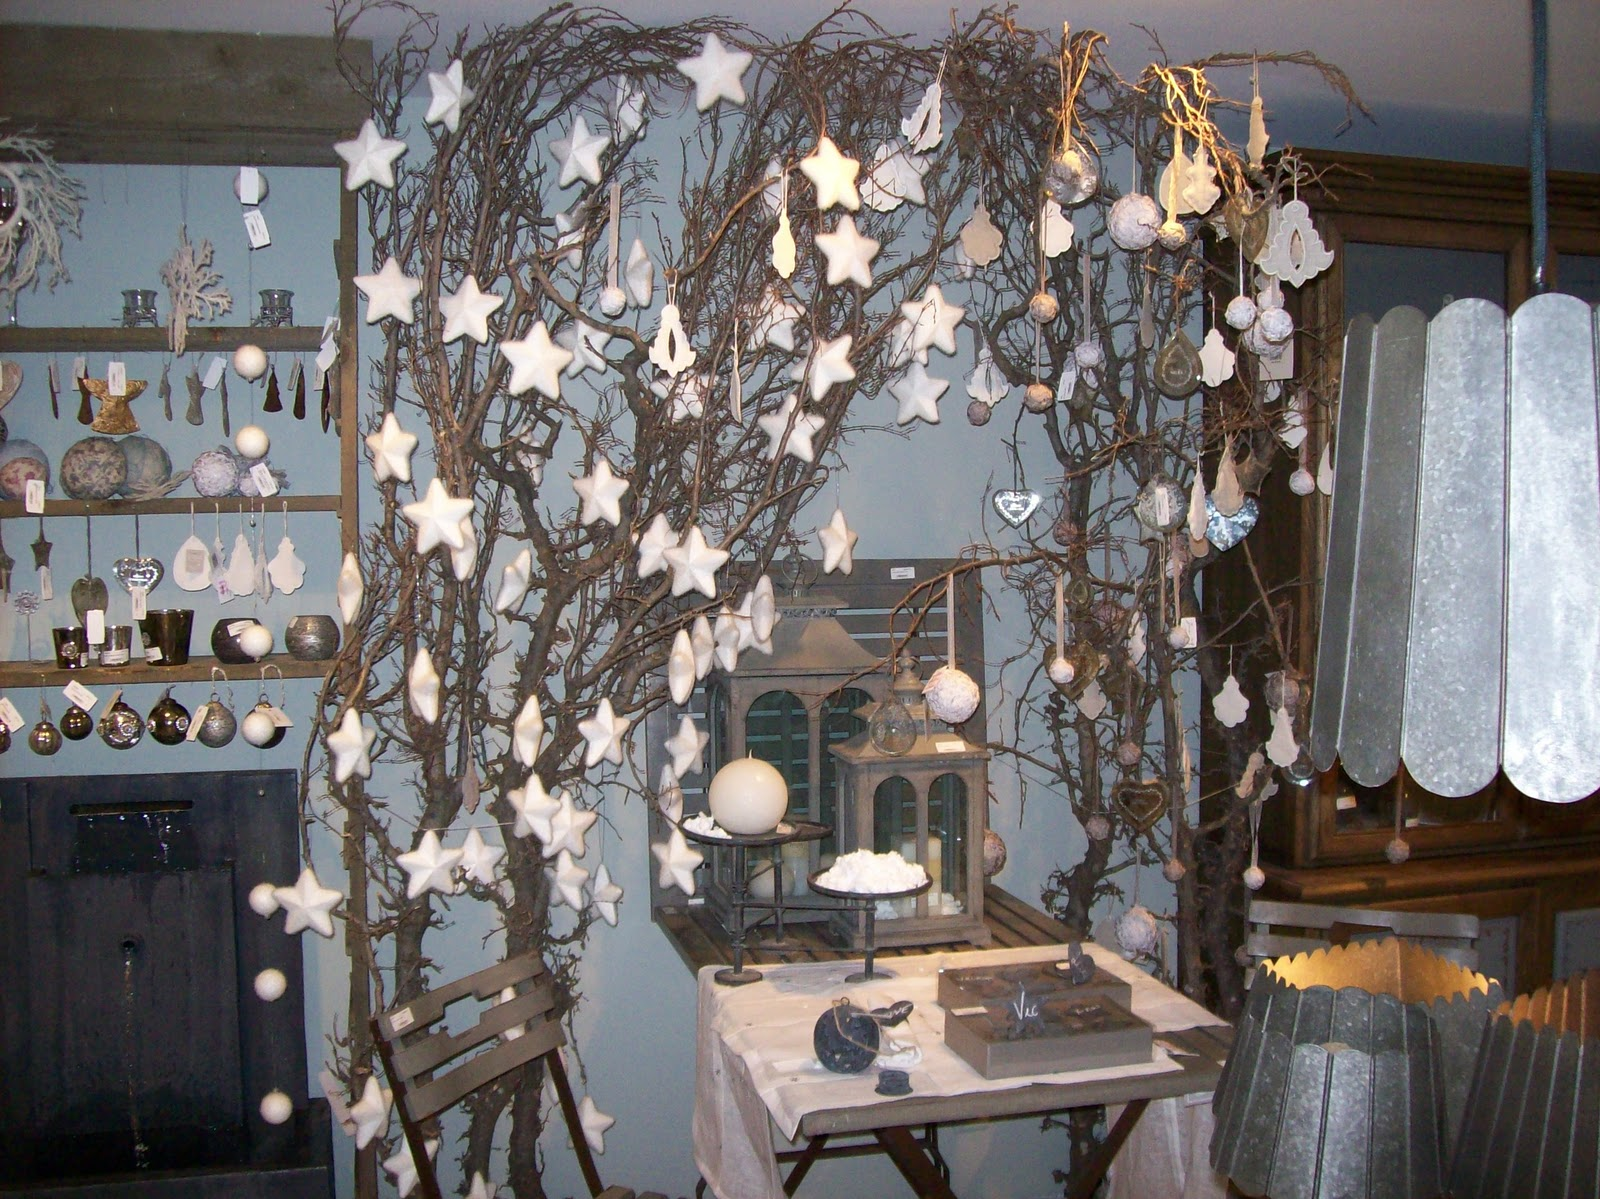 Ma maison dicembre 2010 - Rami secchi per decorazioni ...